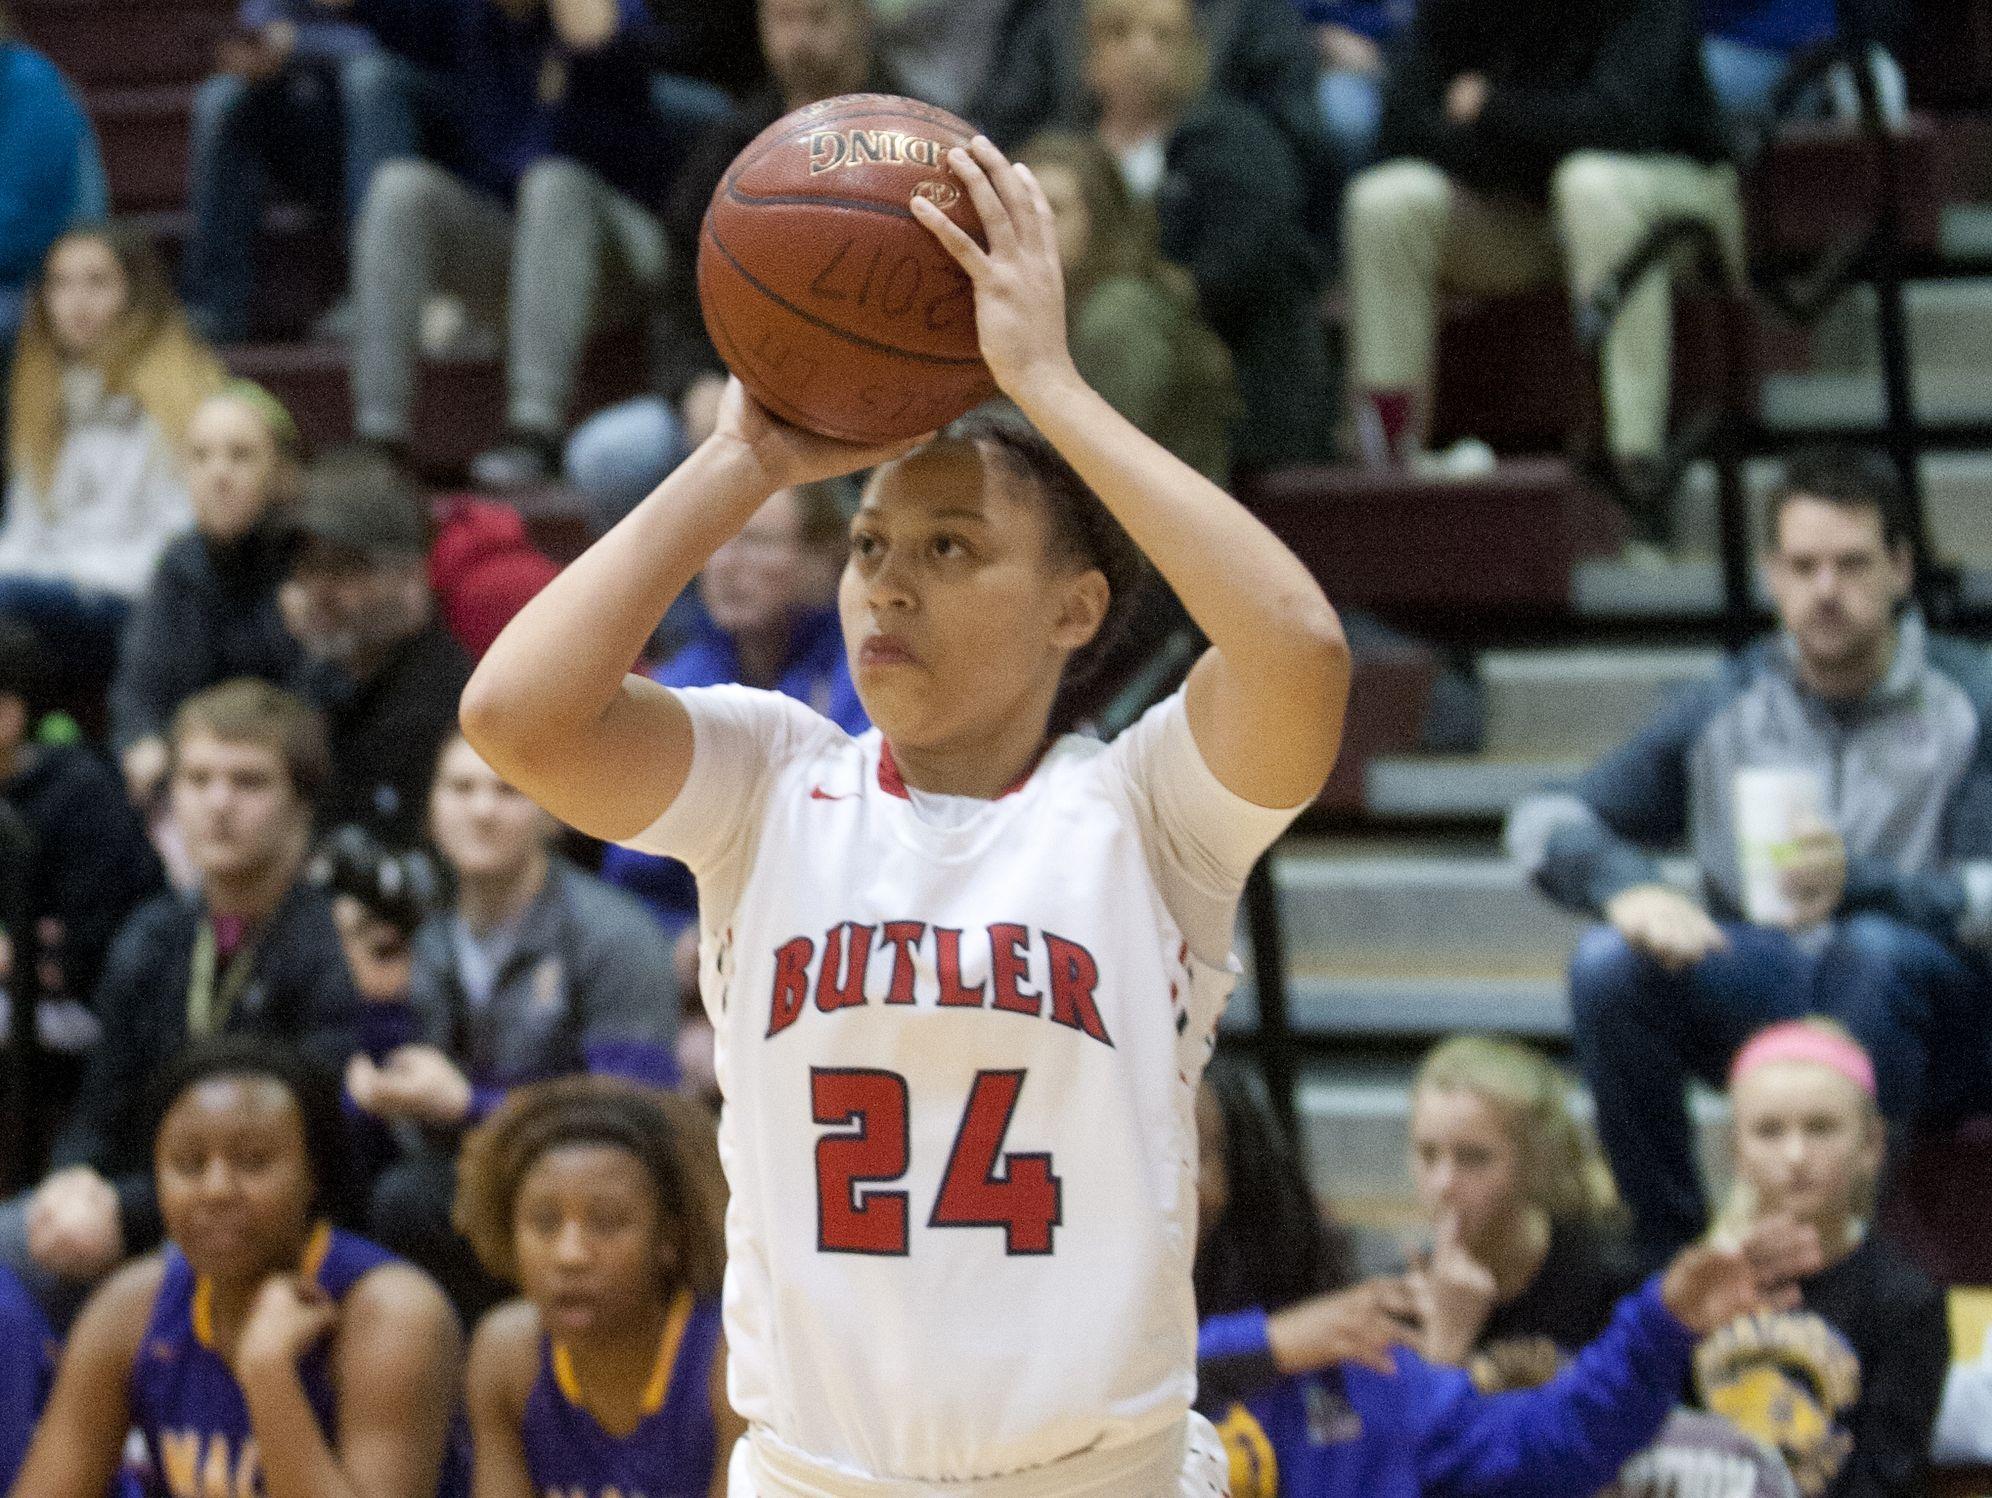 Butler girls stay No. 1 in Litkenhous Ratings